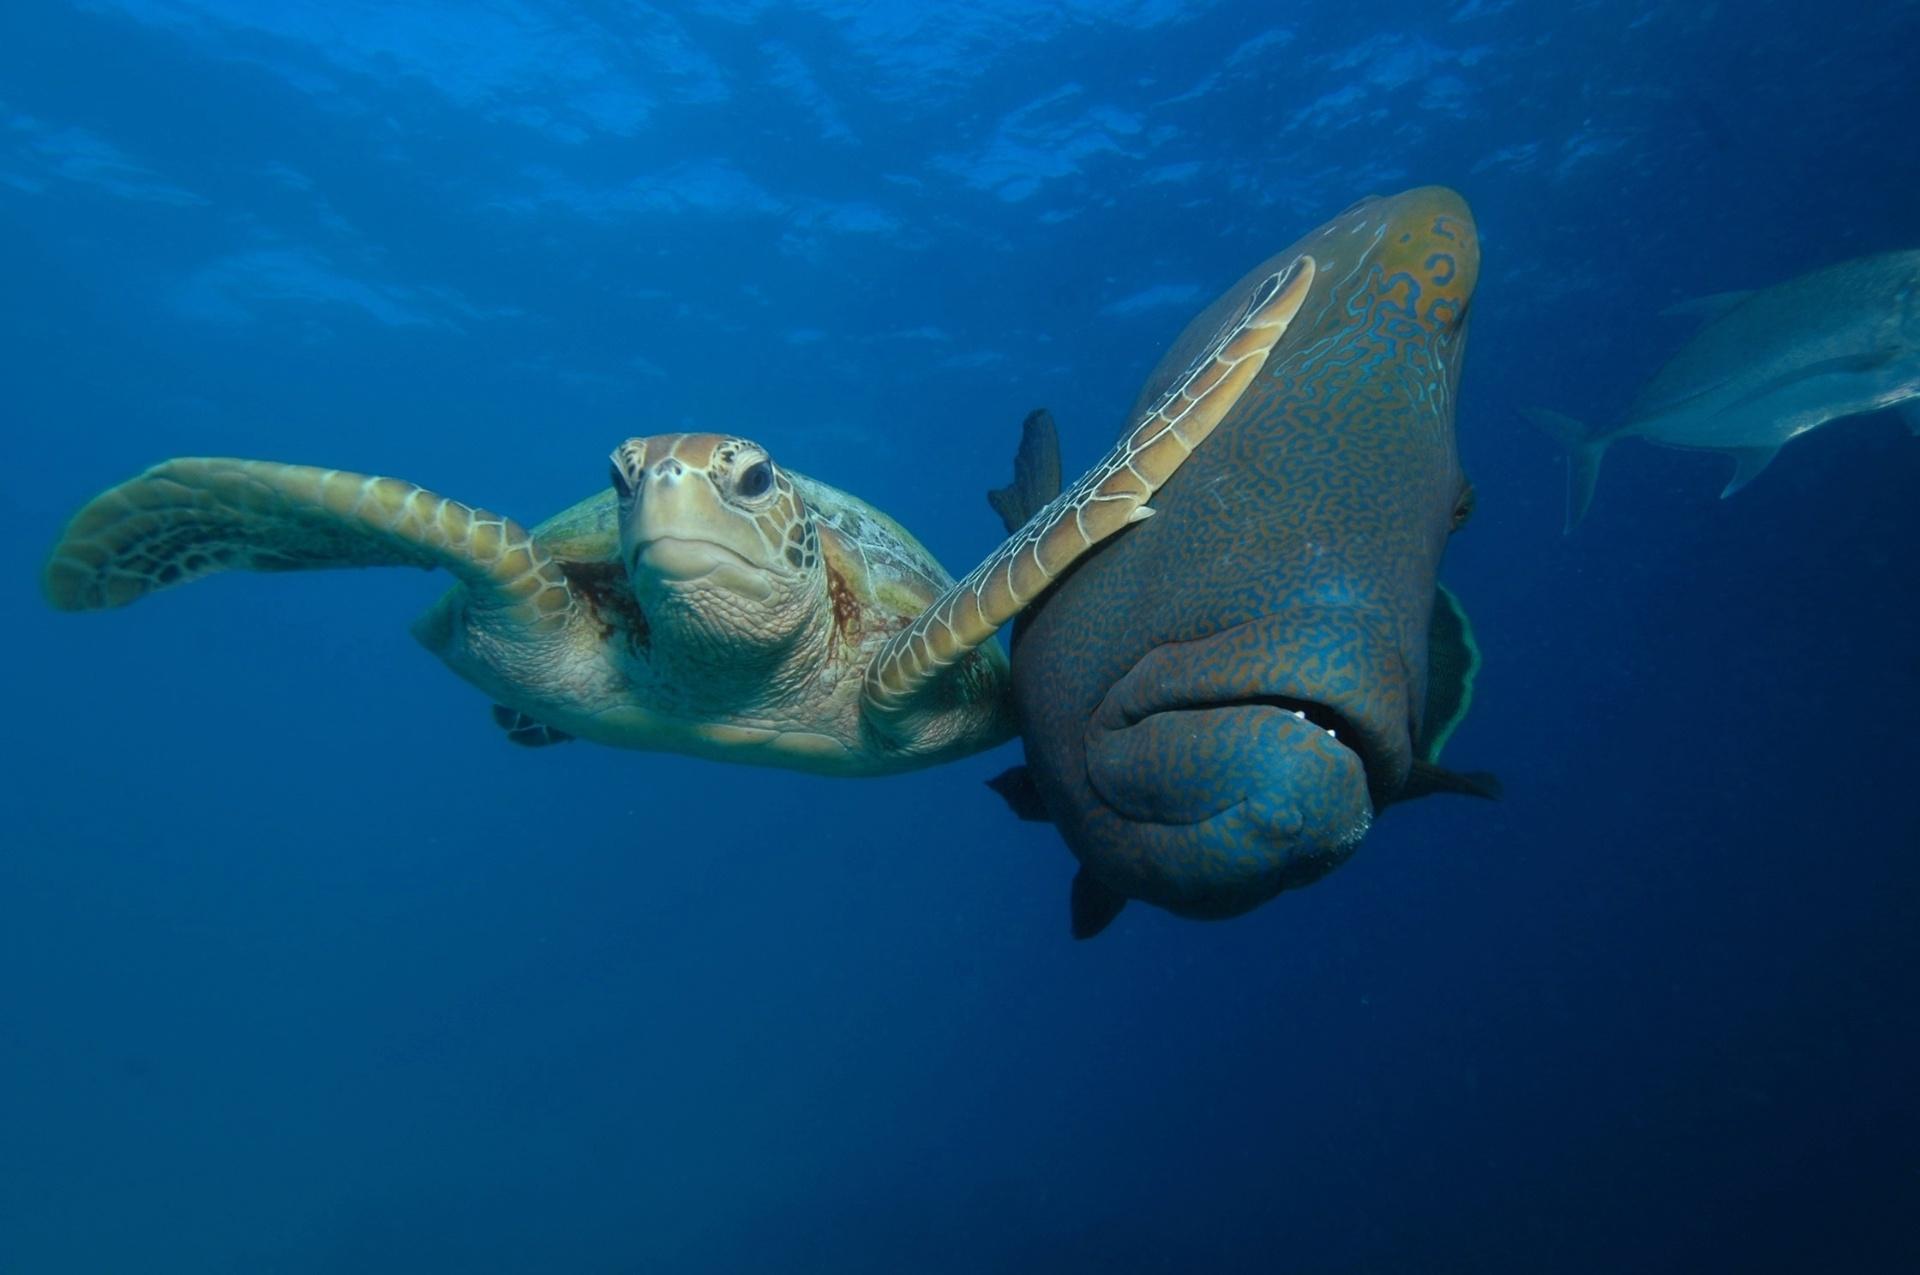 d221248cc3f75 Tartaruga espaçosa - Essa tartaruga deu um tapa na cara de um peixe que  passava ao